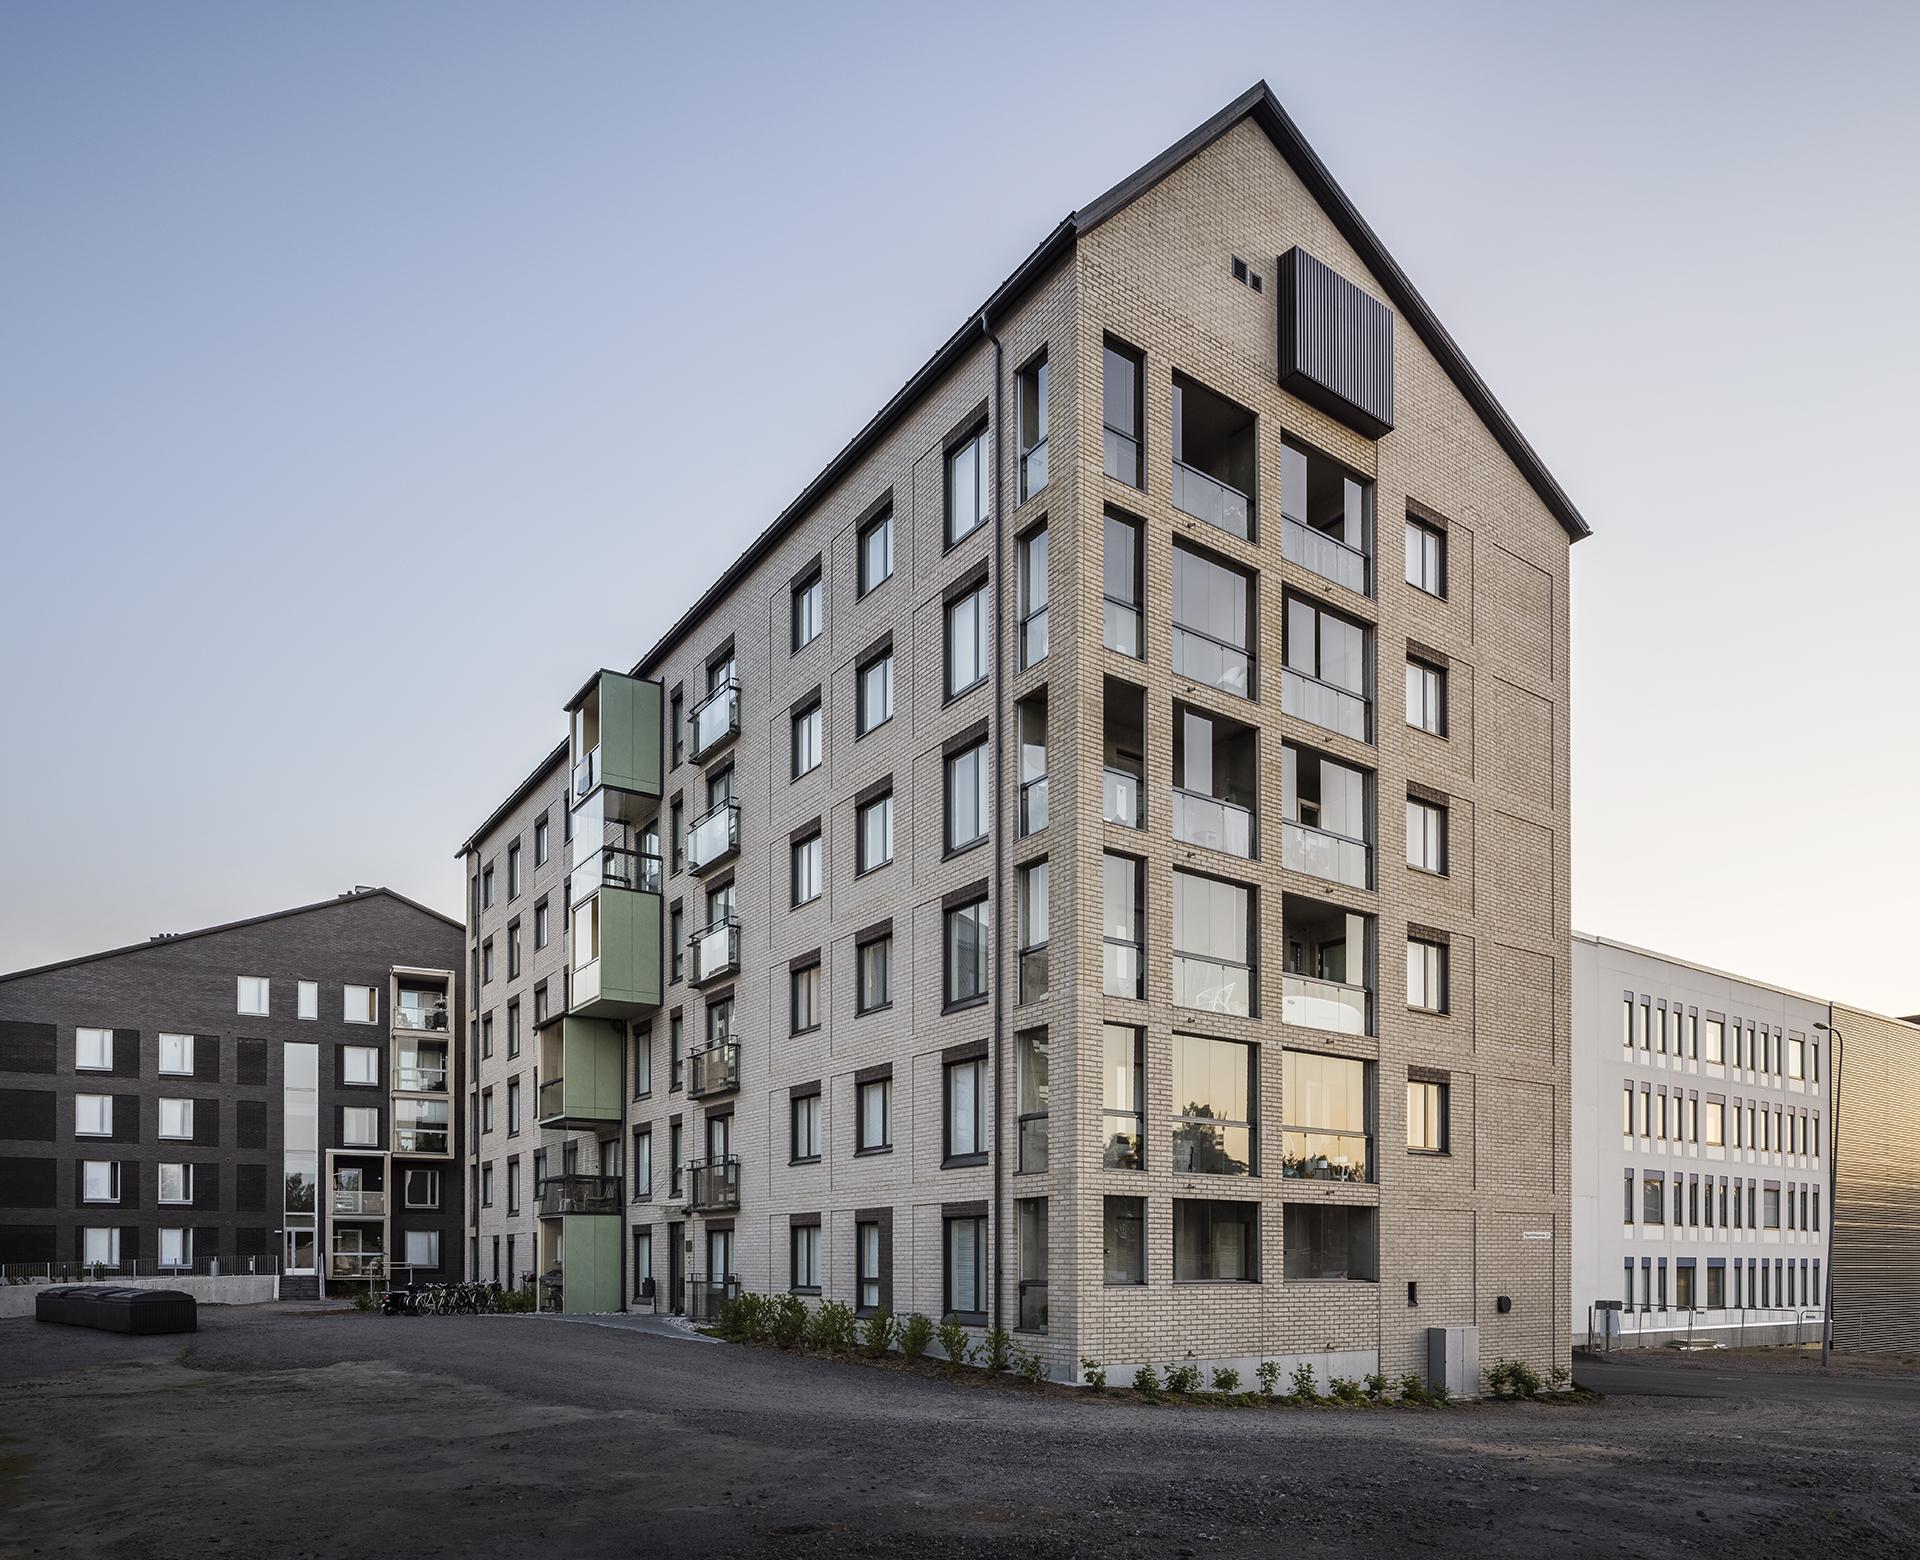 As Oy Jyväskylän Paperitehtaankatu 24 rakennuksesta